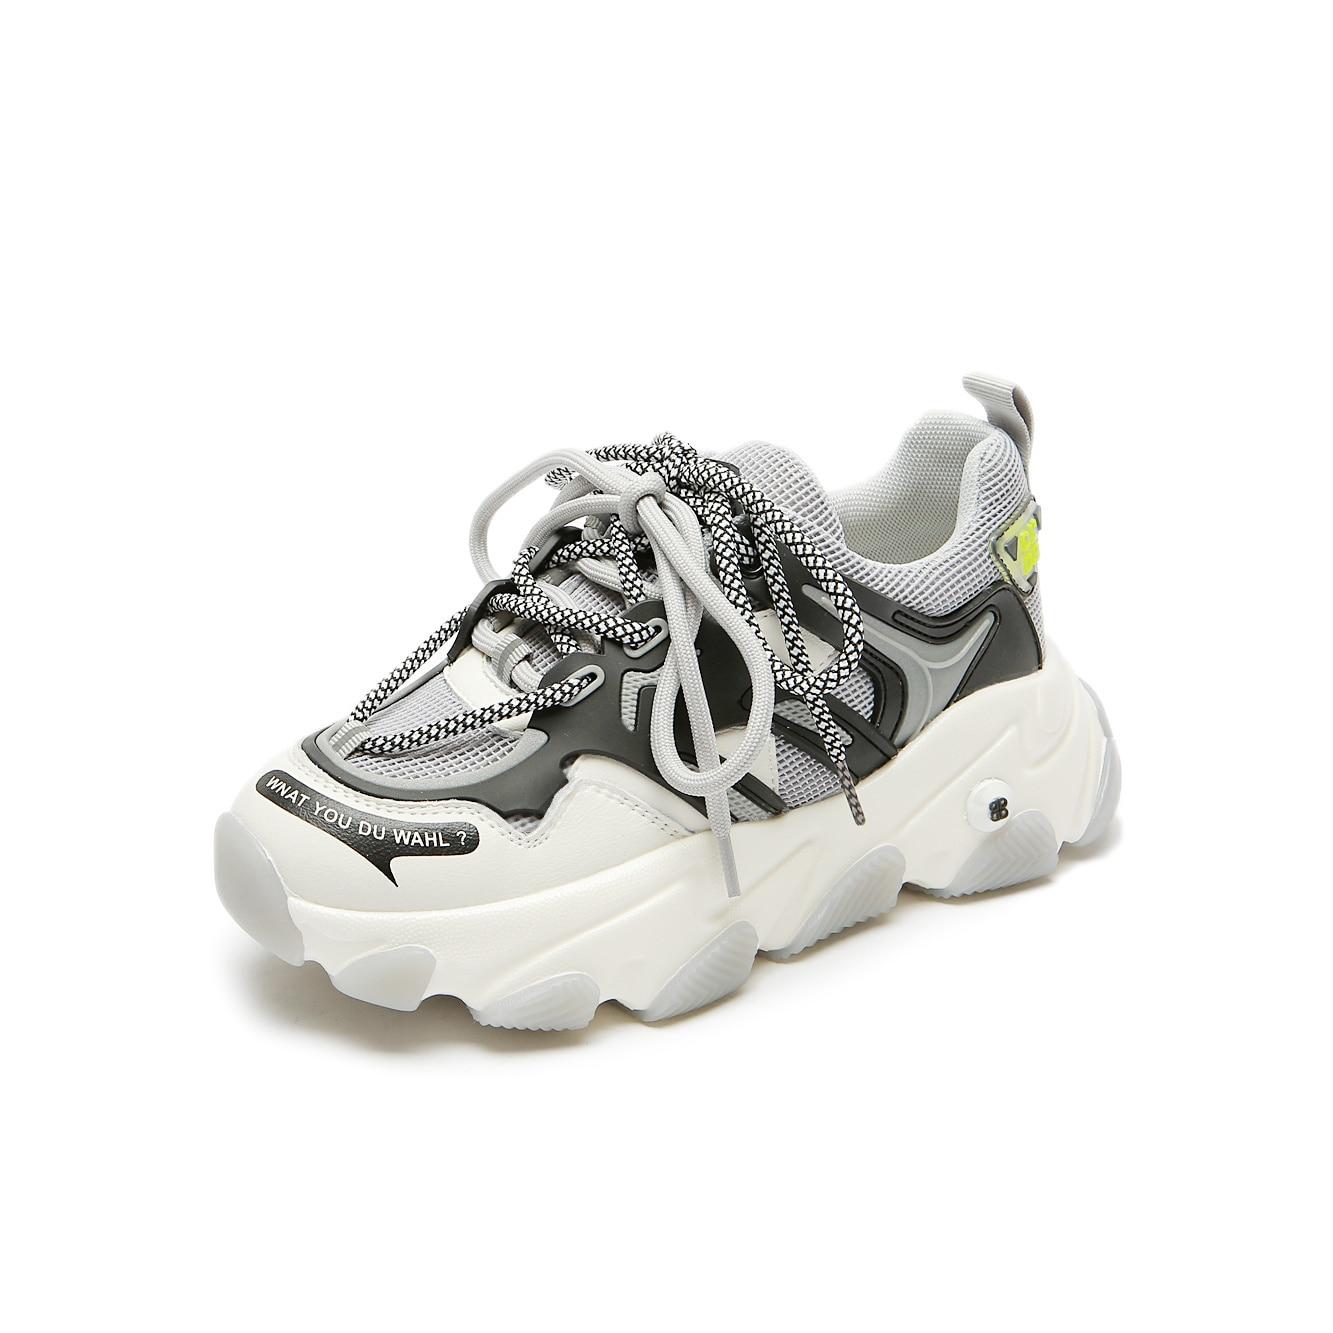 Zapatos deportivos de mujer de cuero natural + malla rainbow daddy shoes ins muffins de fondo grueso 5 colores zapatos para correr opcionales